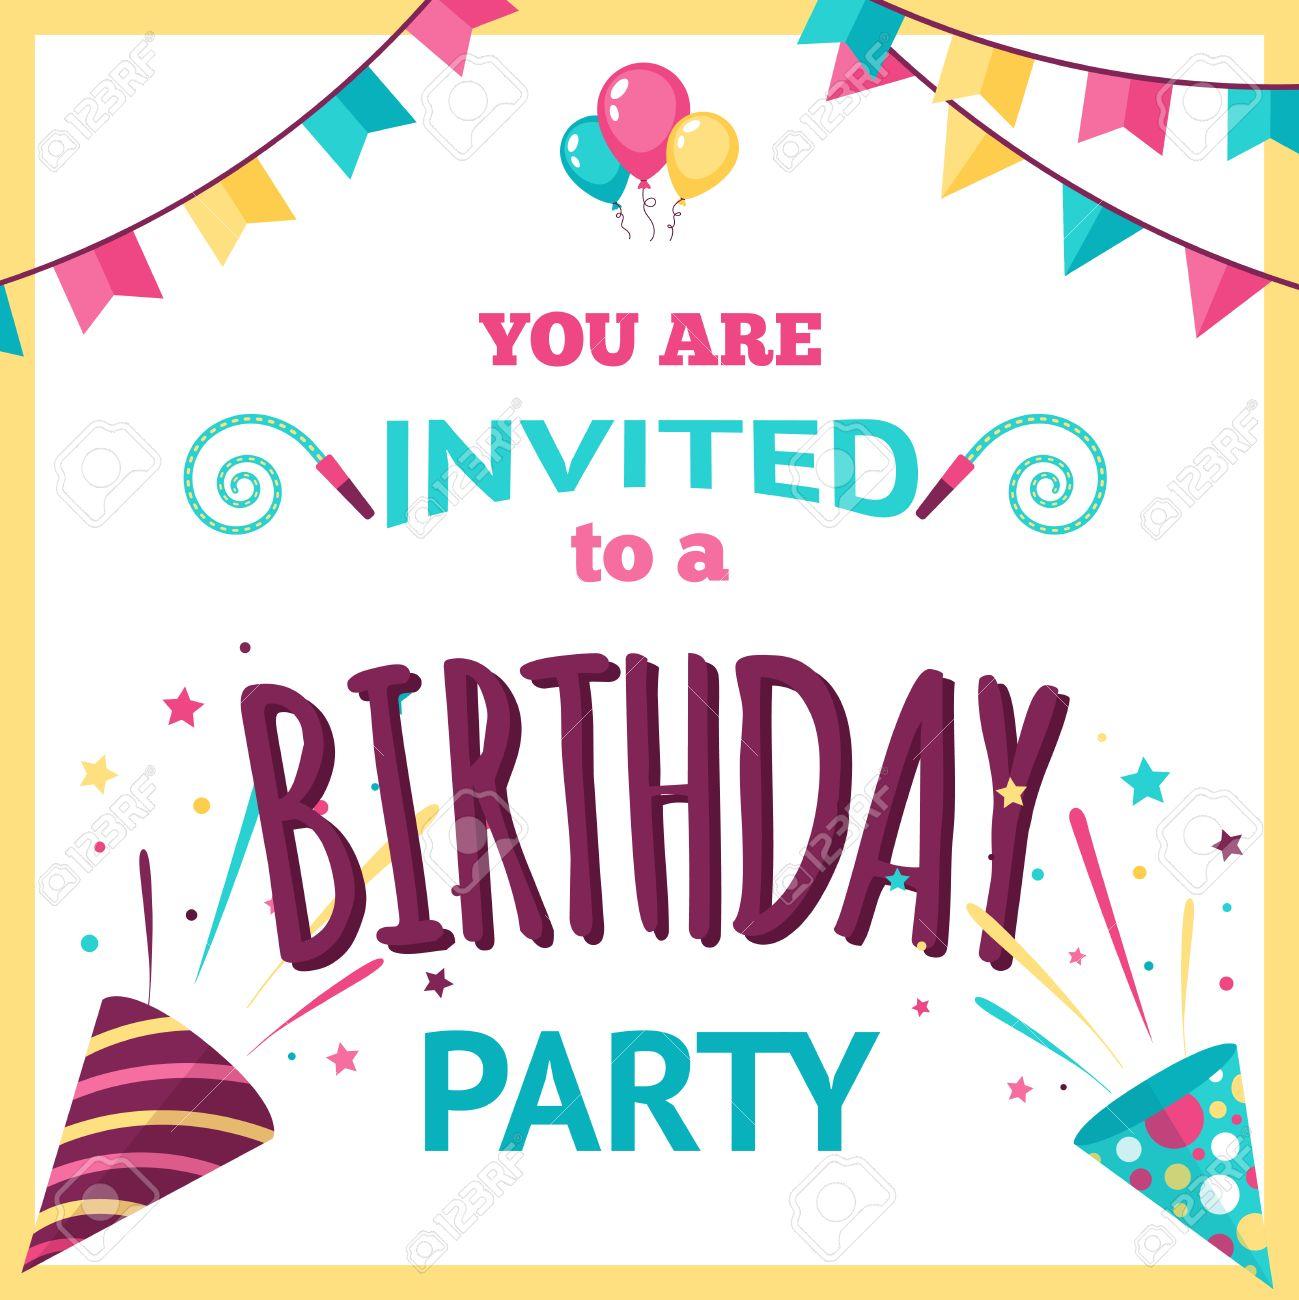 Party Einladung Vorlage Biblesuite Co